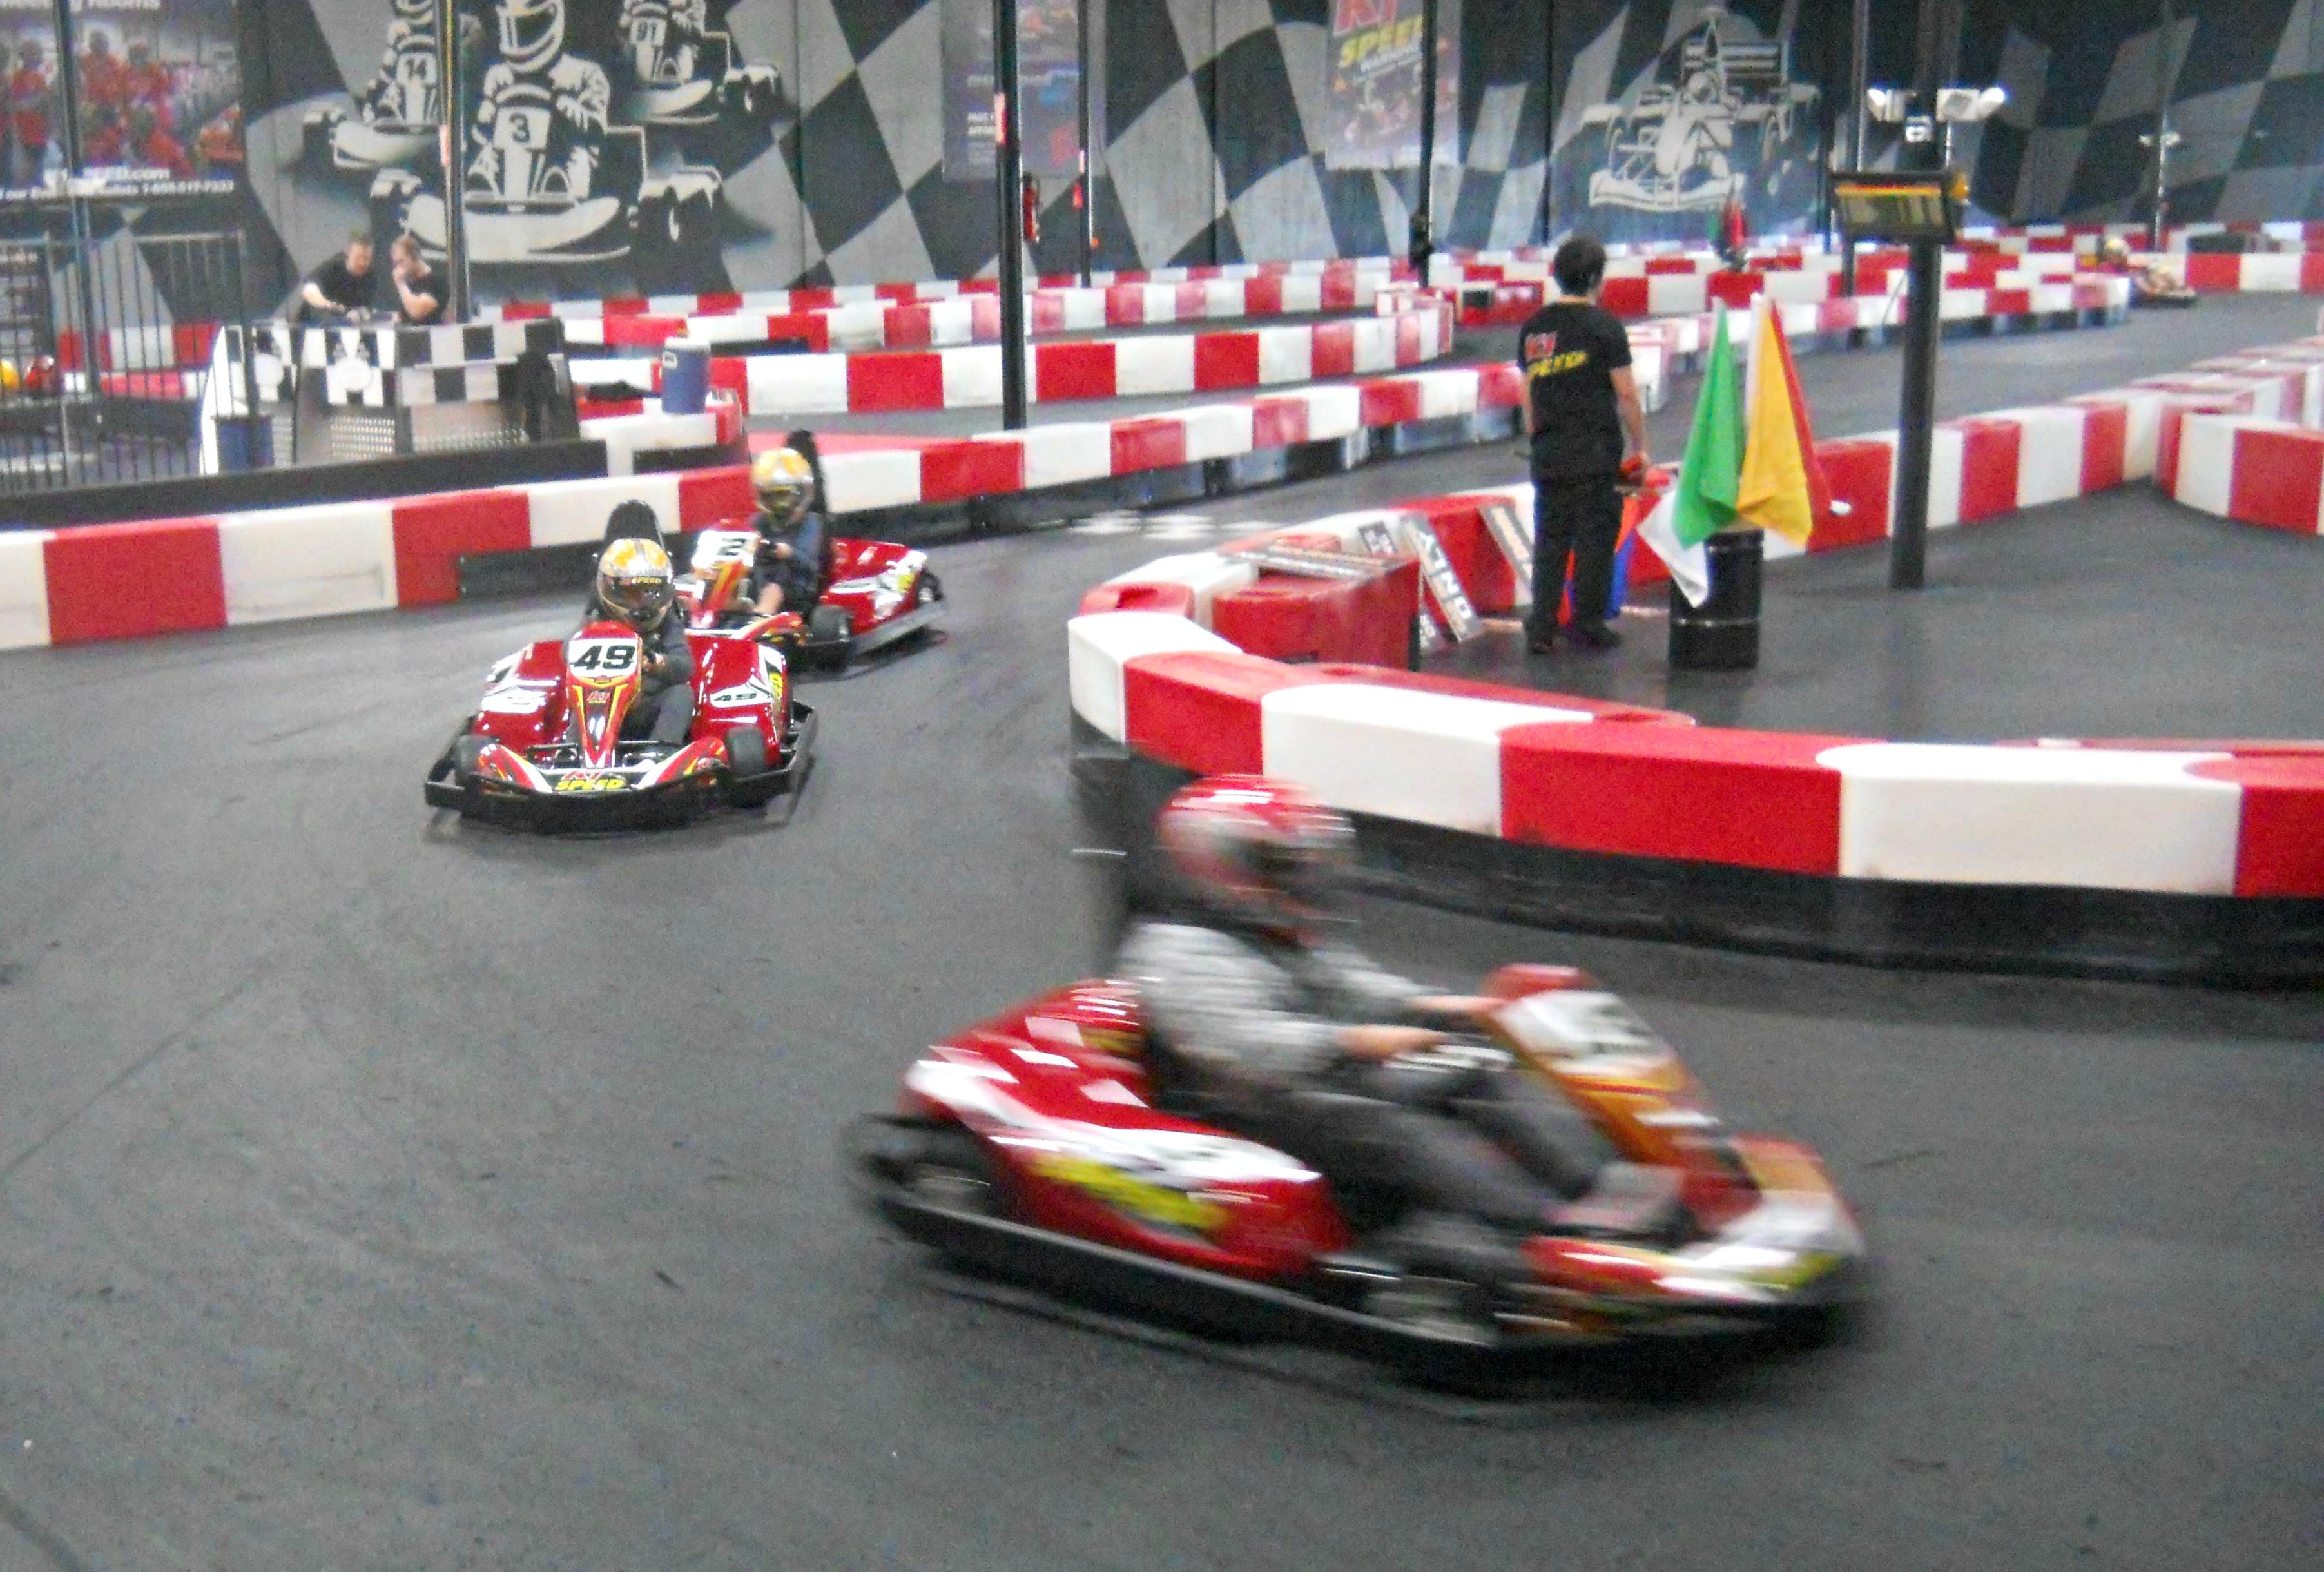 Electric Indoor Kart Racing Opens in Rancho Cordova ...